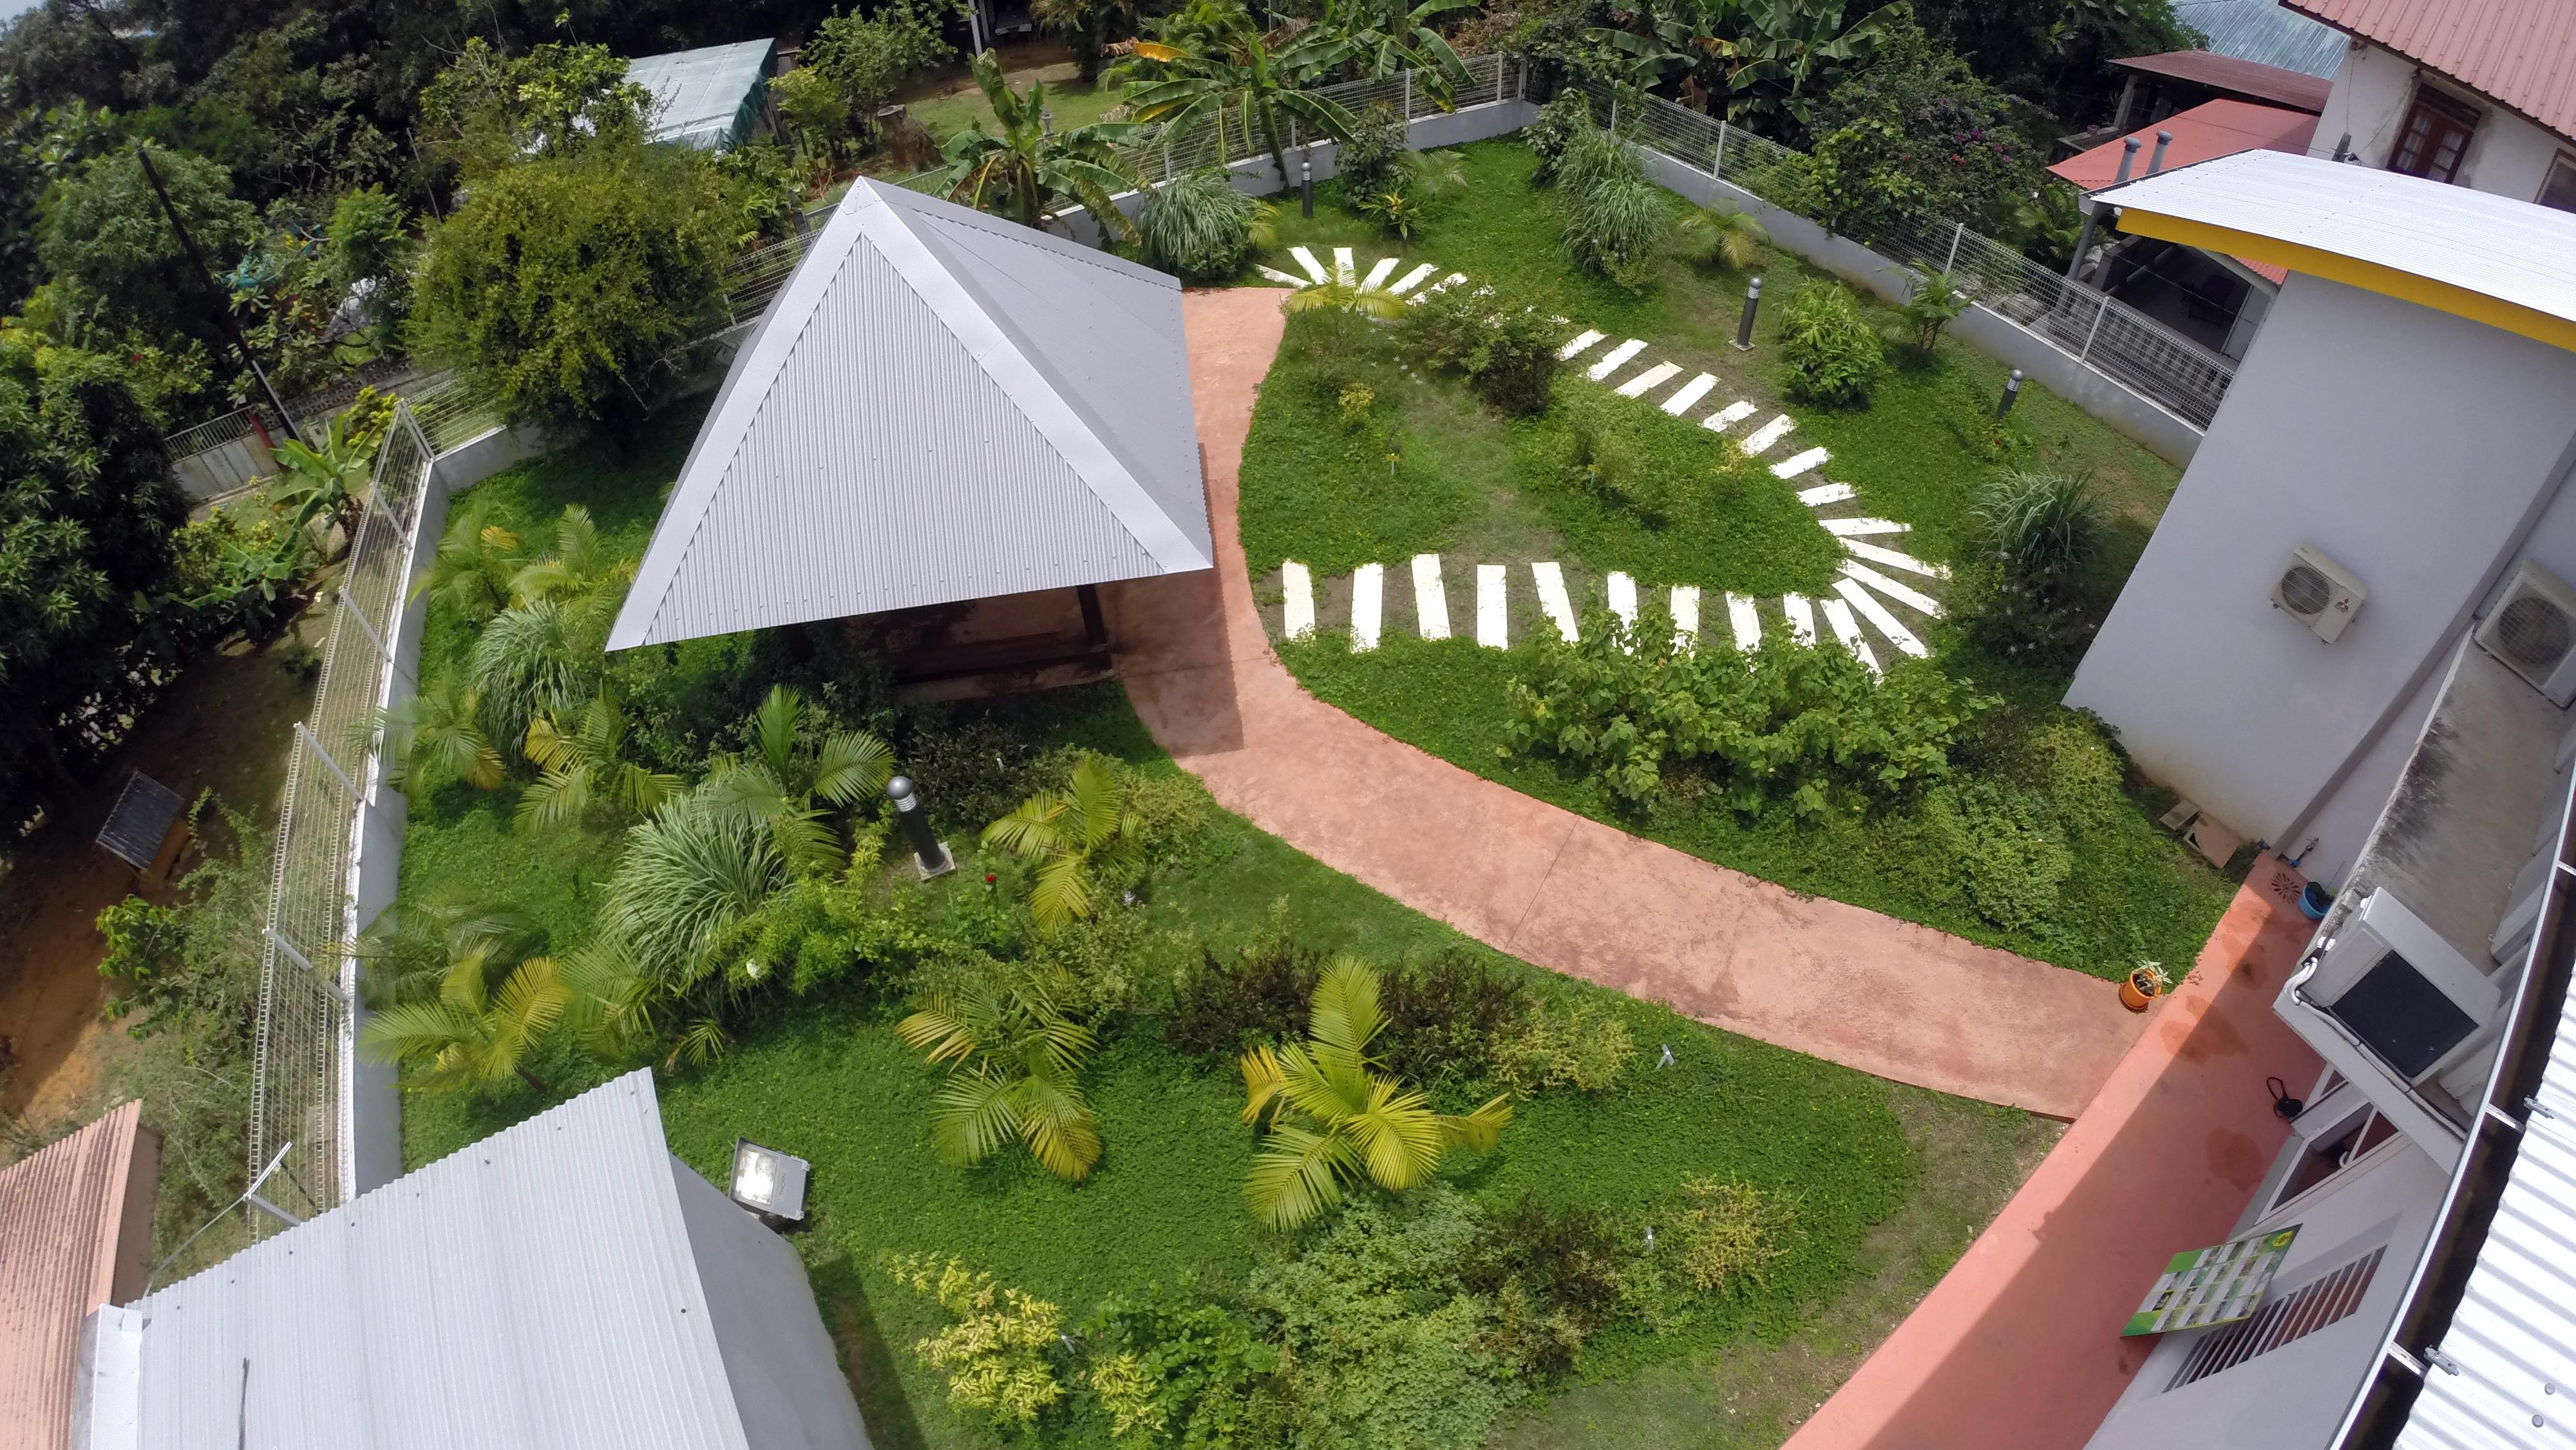 Decouverte du jardin de plantes m dicinales remire for Plantes et jardins avis